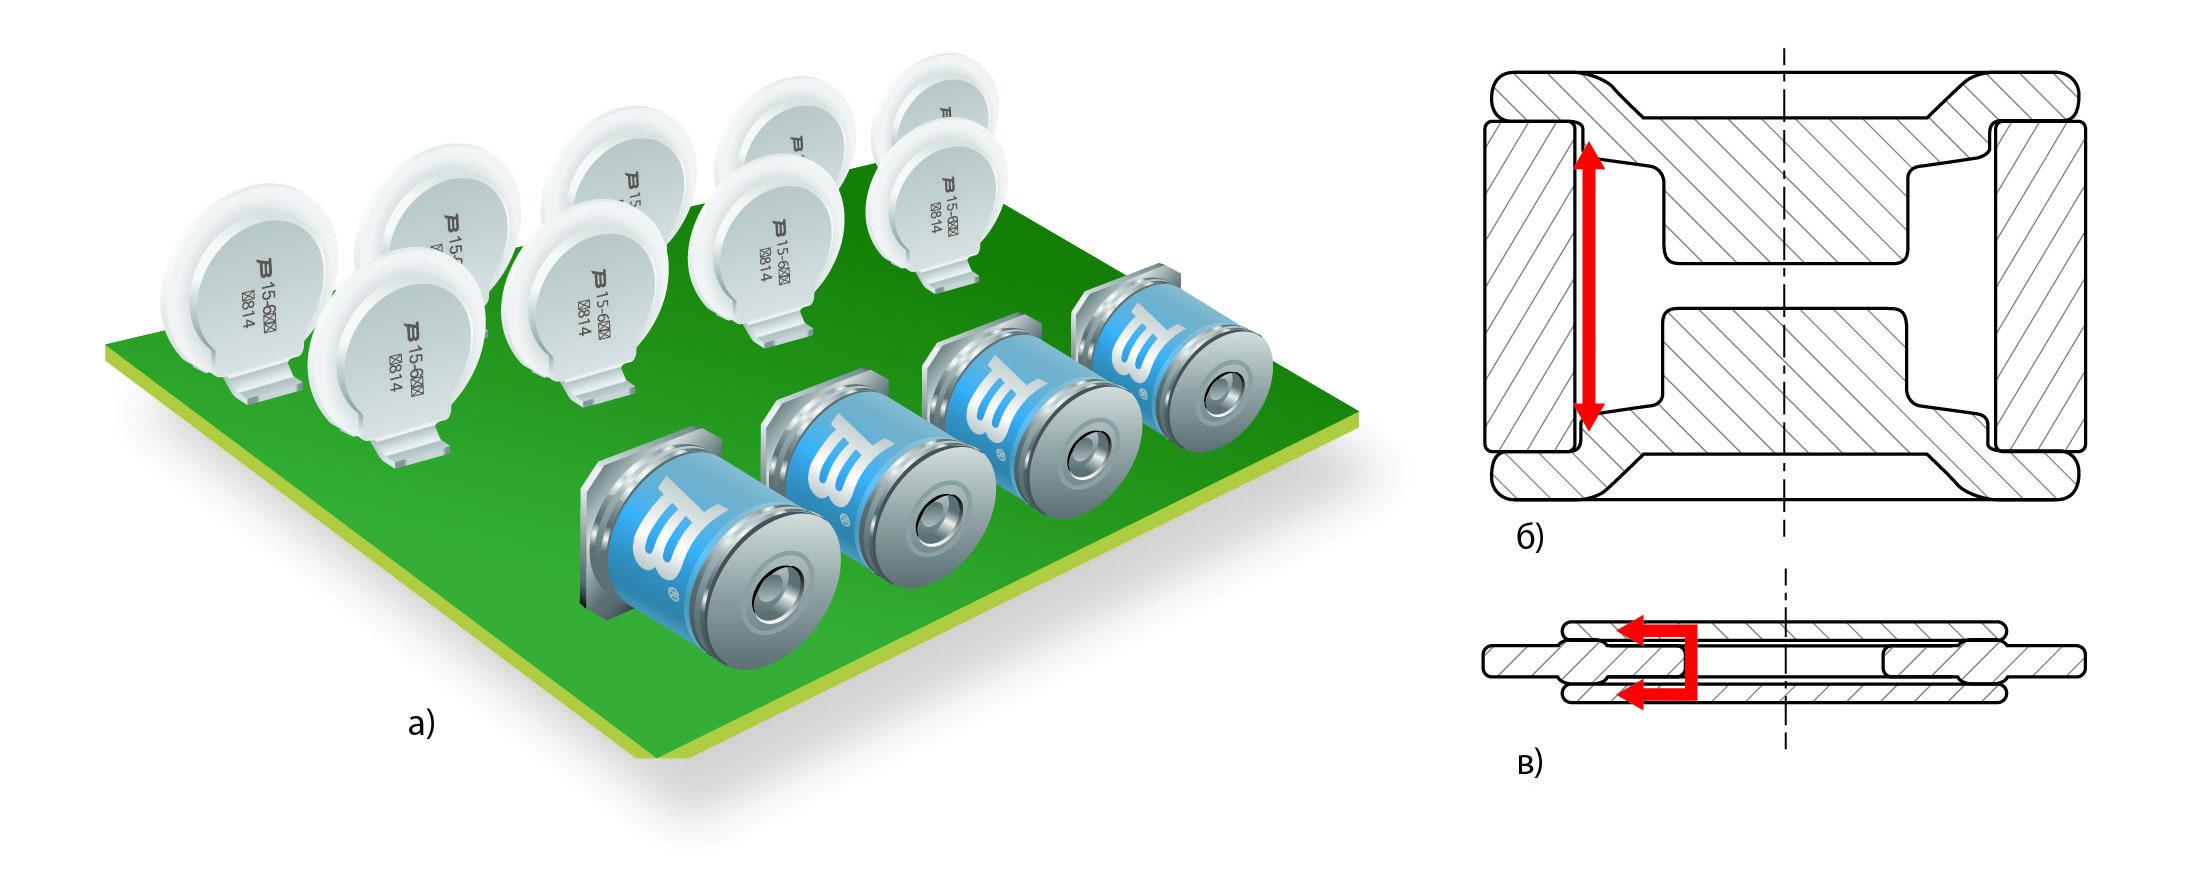 Инновационная технология газовых разрядников FLAT компании BOURNS для защиты интерфейсов чувствительных электронных устройств